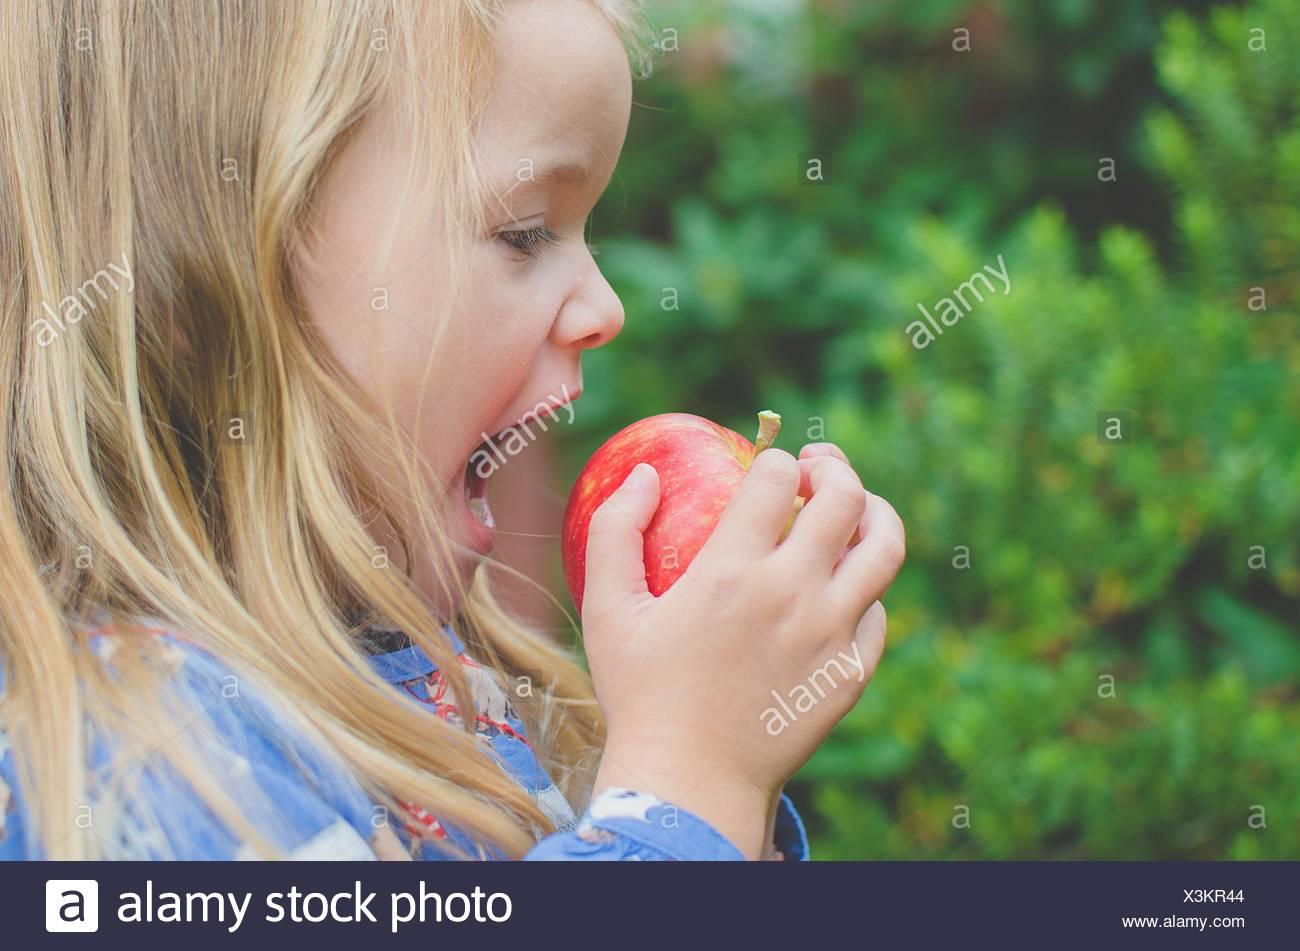 Seitenansicht eines Mädchens zu nehmen einen Schluck aus einem Apfel Stockbild